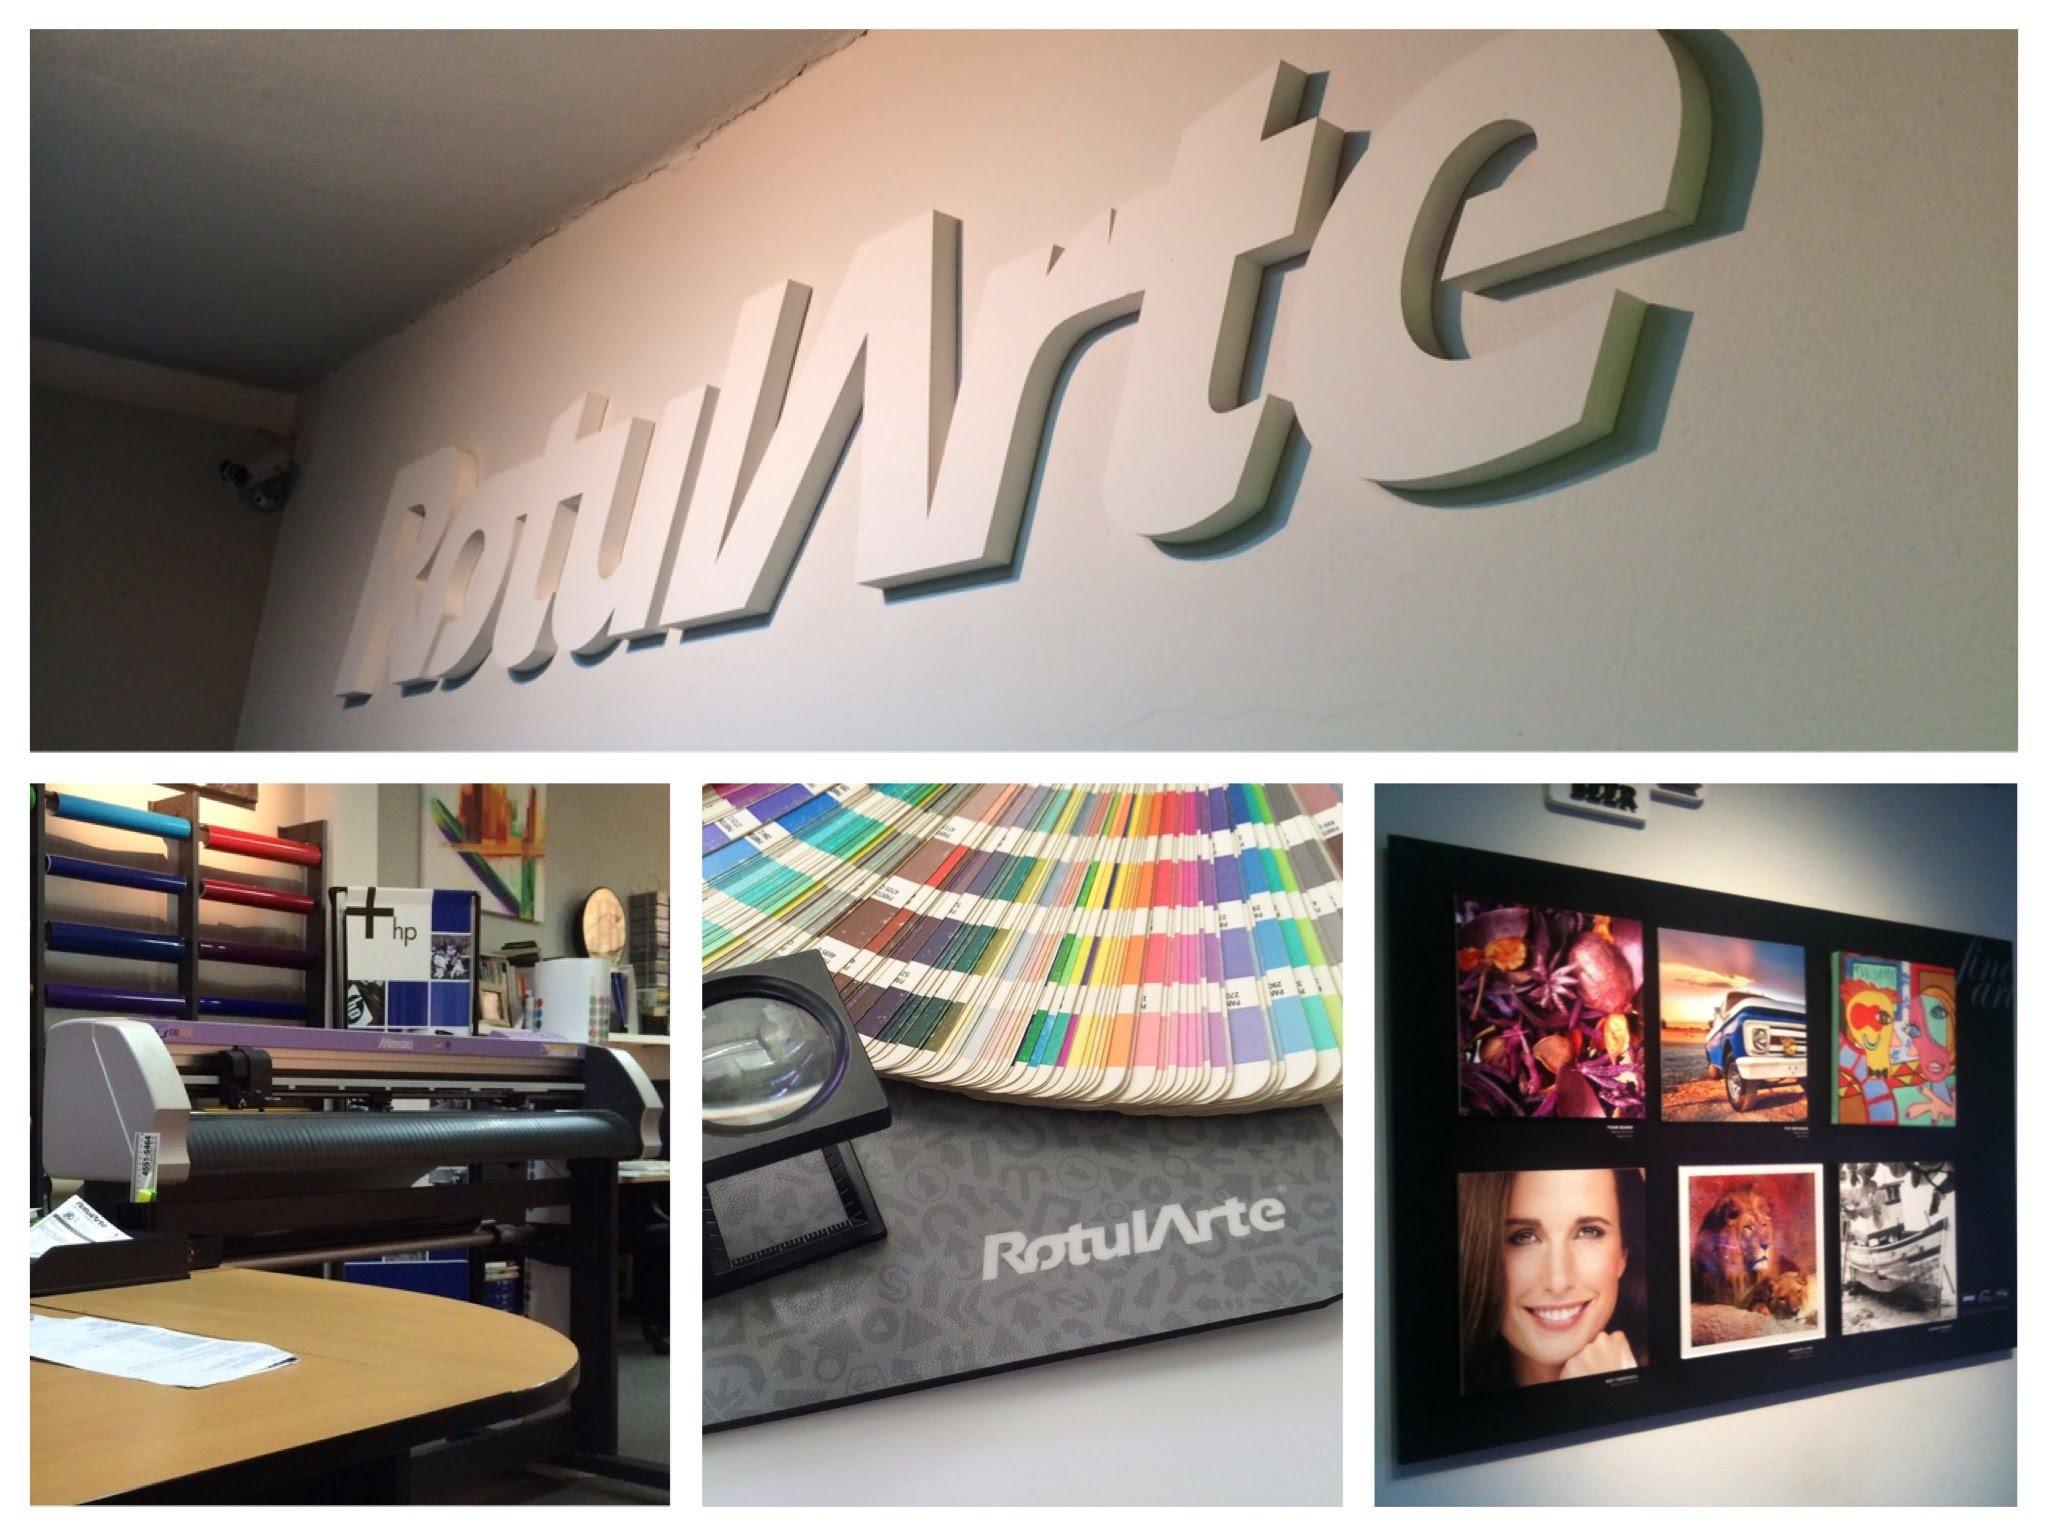 20 años - RotulArte - Producción Gráfica Integral